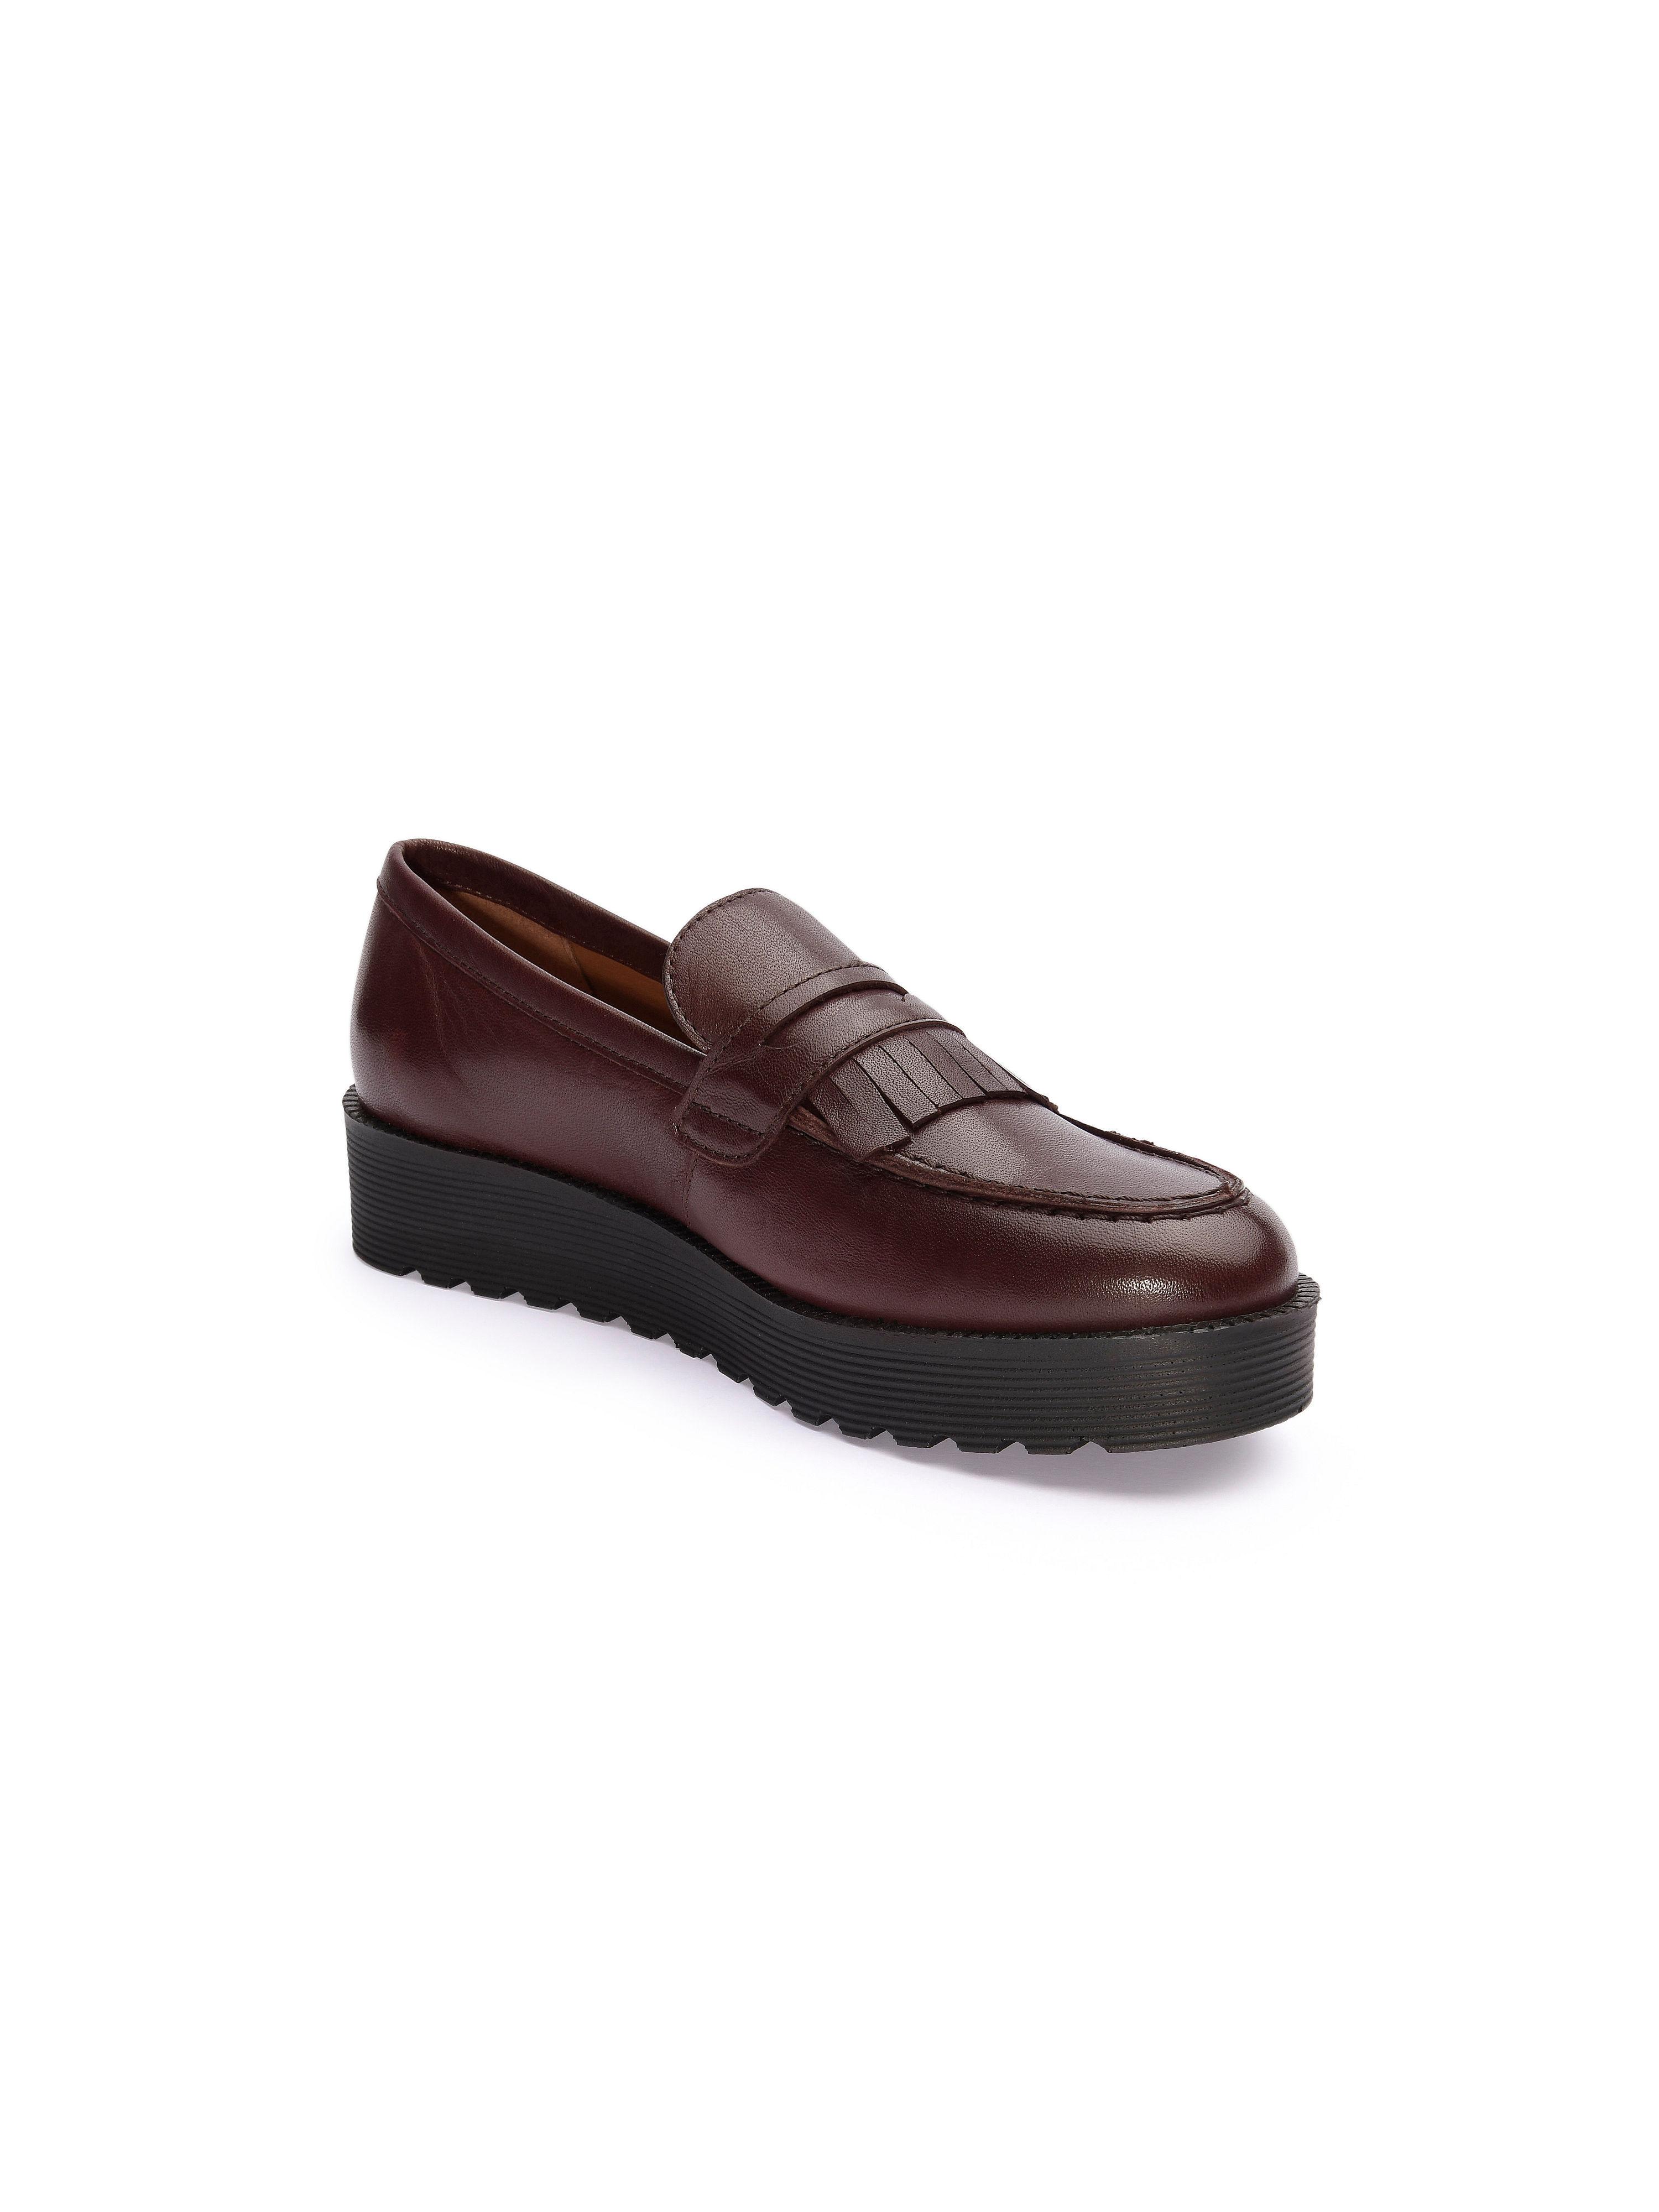 Scarpio - Slipper aus feinem Nappaleder - Bordeaux Gute Qualität Qualität Qualität beliebte Schuhe 01146c